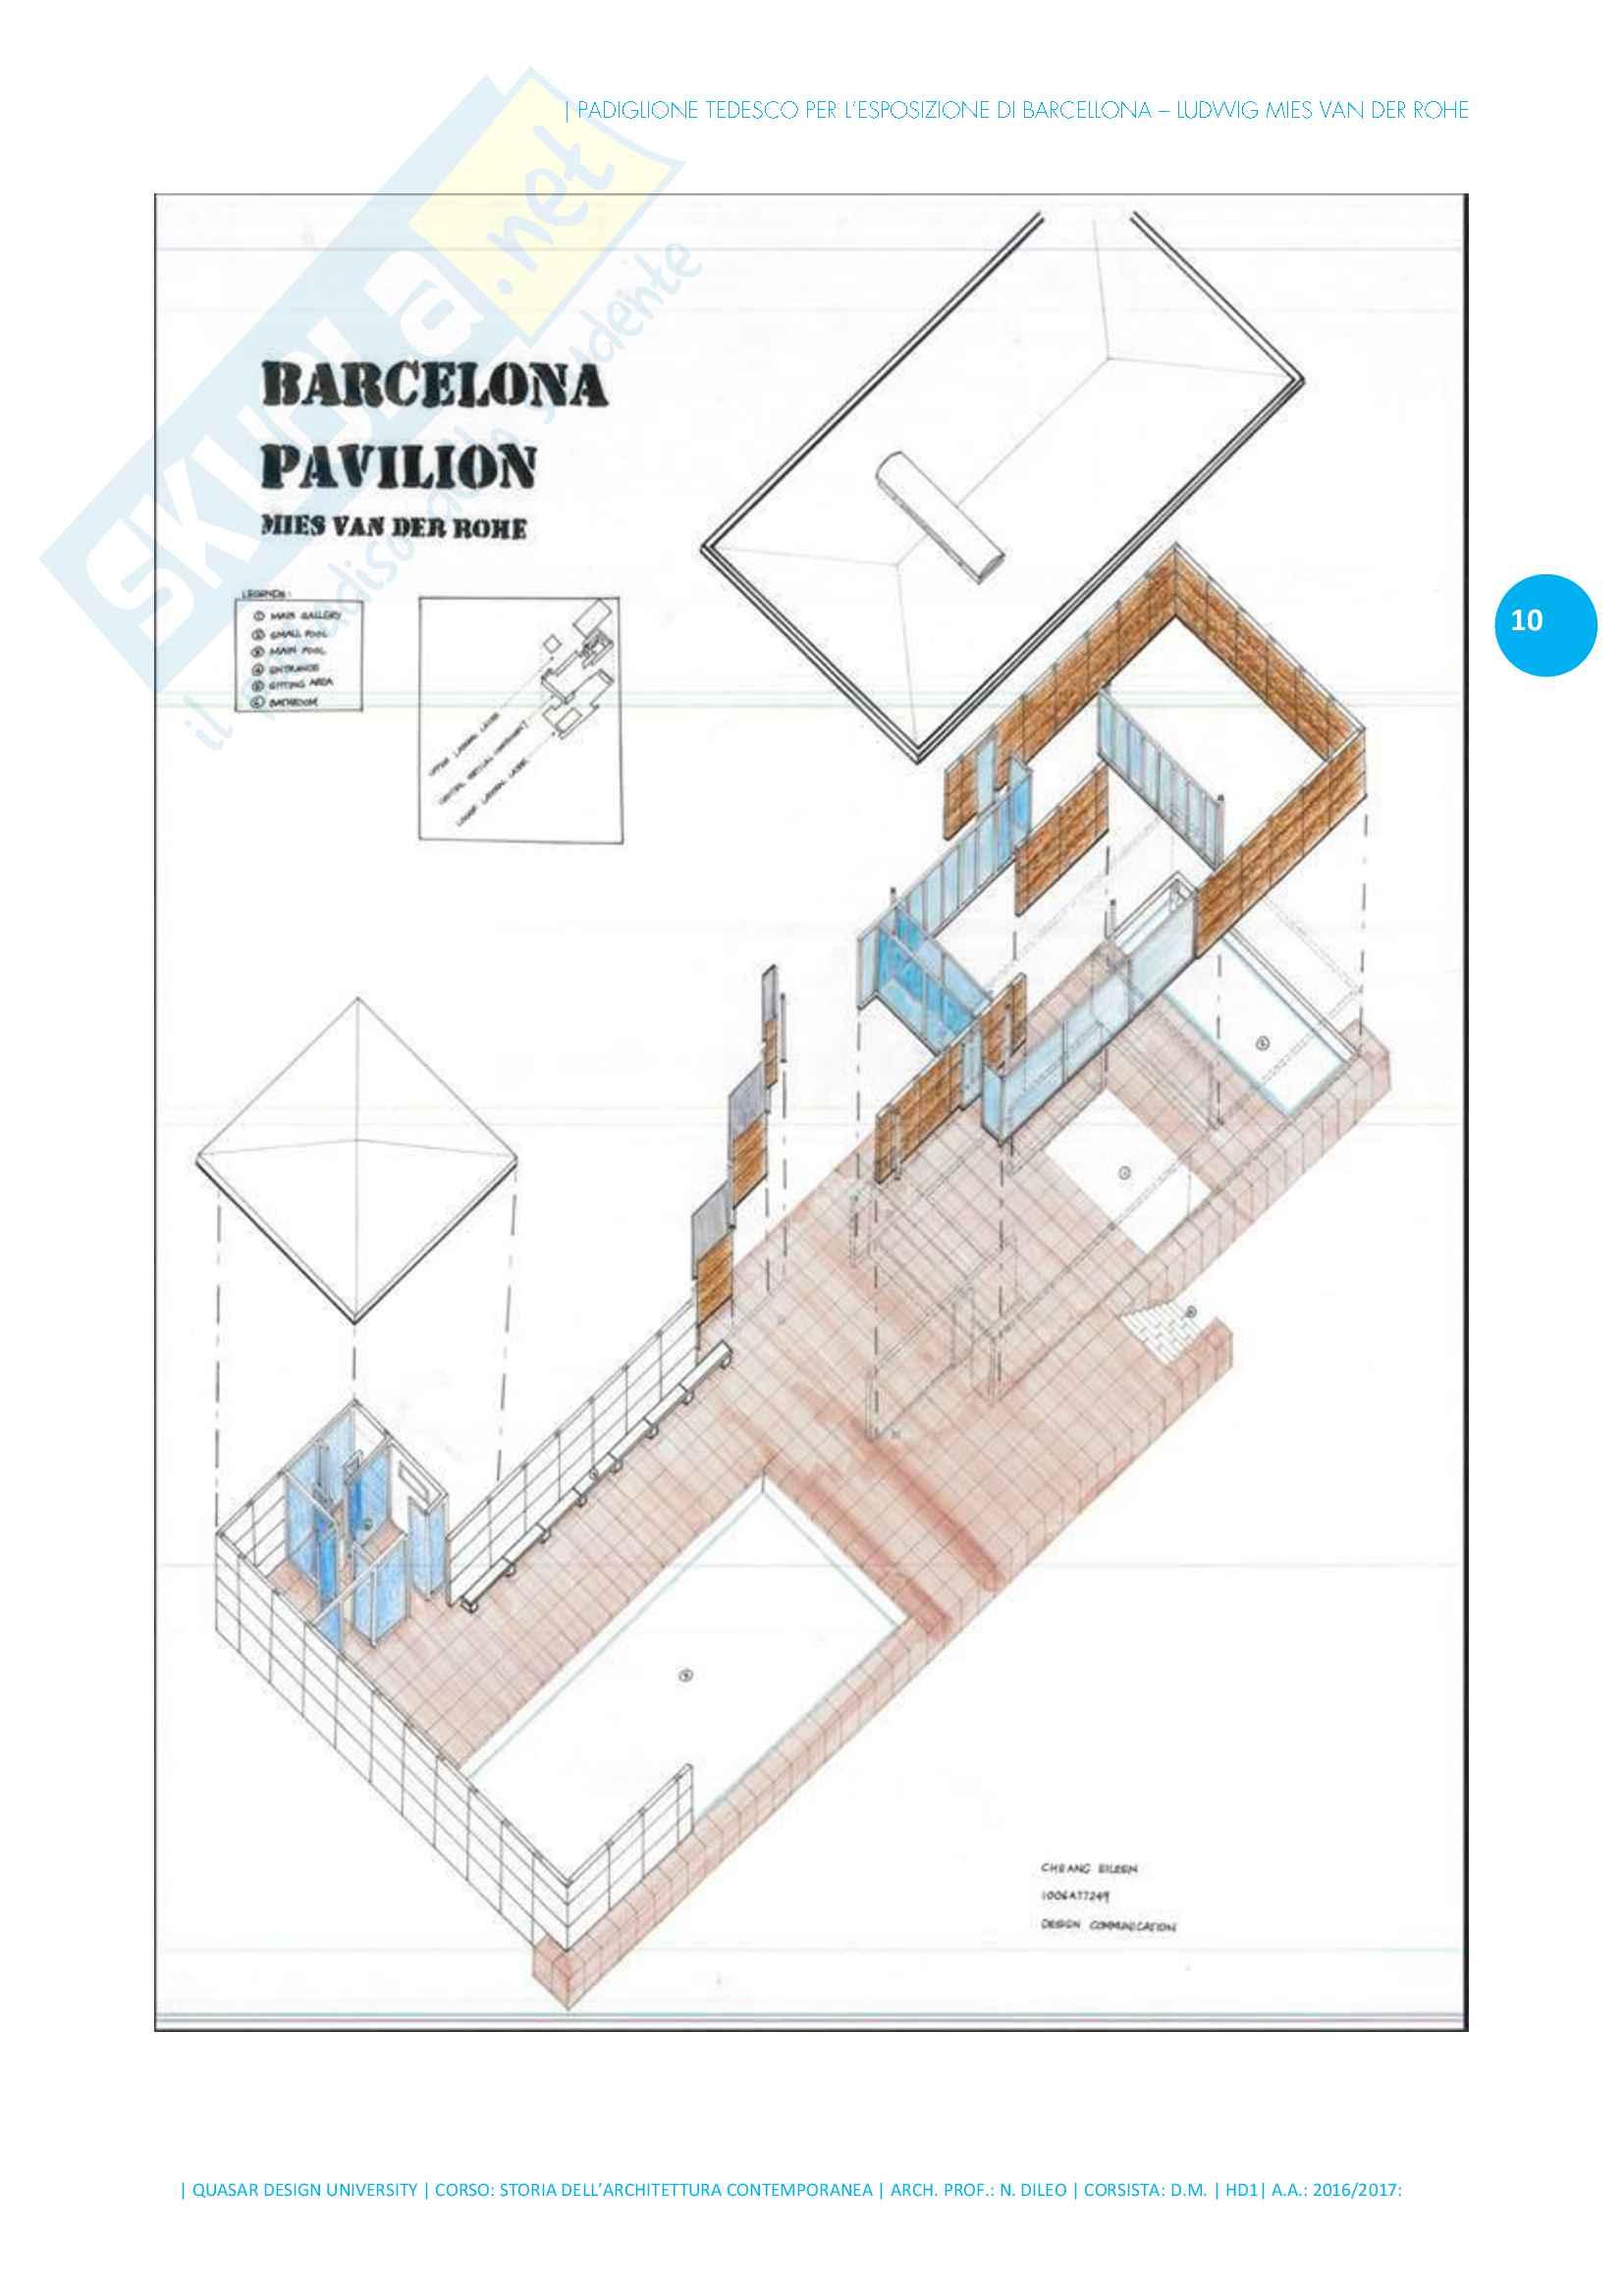 Forma tettonica dell'architettura - Padiglione Barcellona di Ludwig Mies van der Rohe - Storia dell'architettura contemporanea Pag. 11